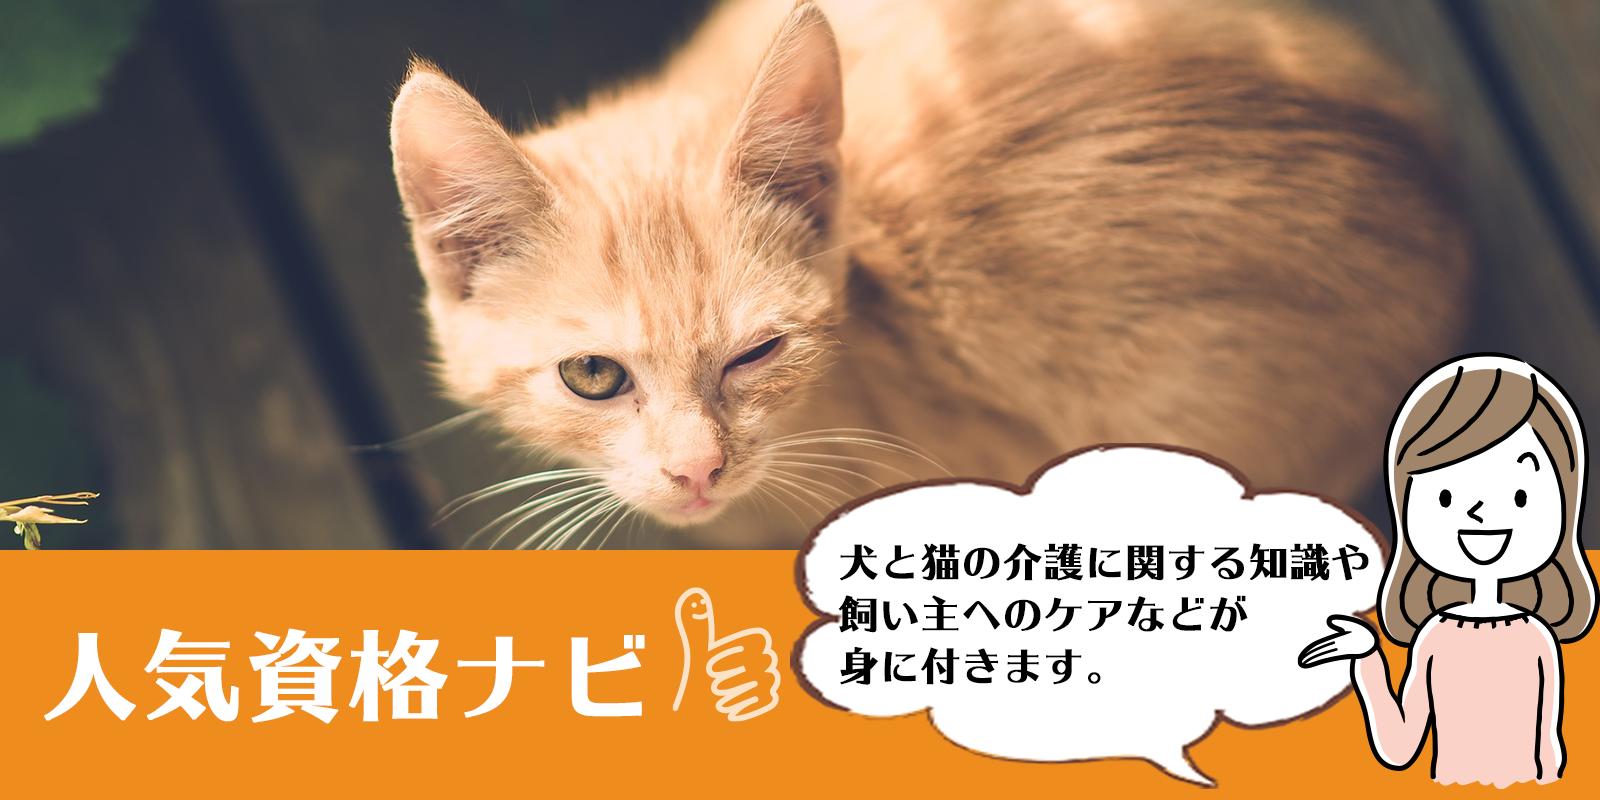 犬猫介護アドバイザー資格のアイキャッチ画像